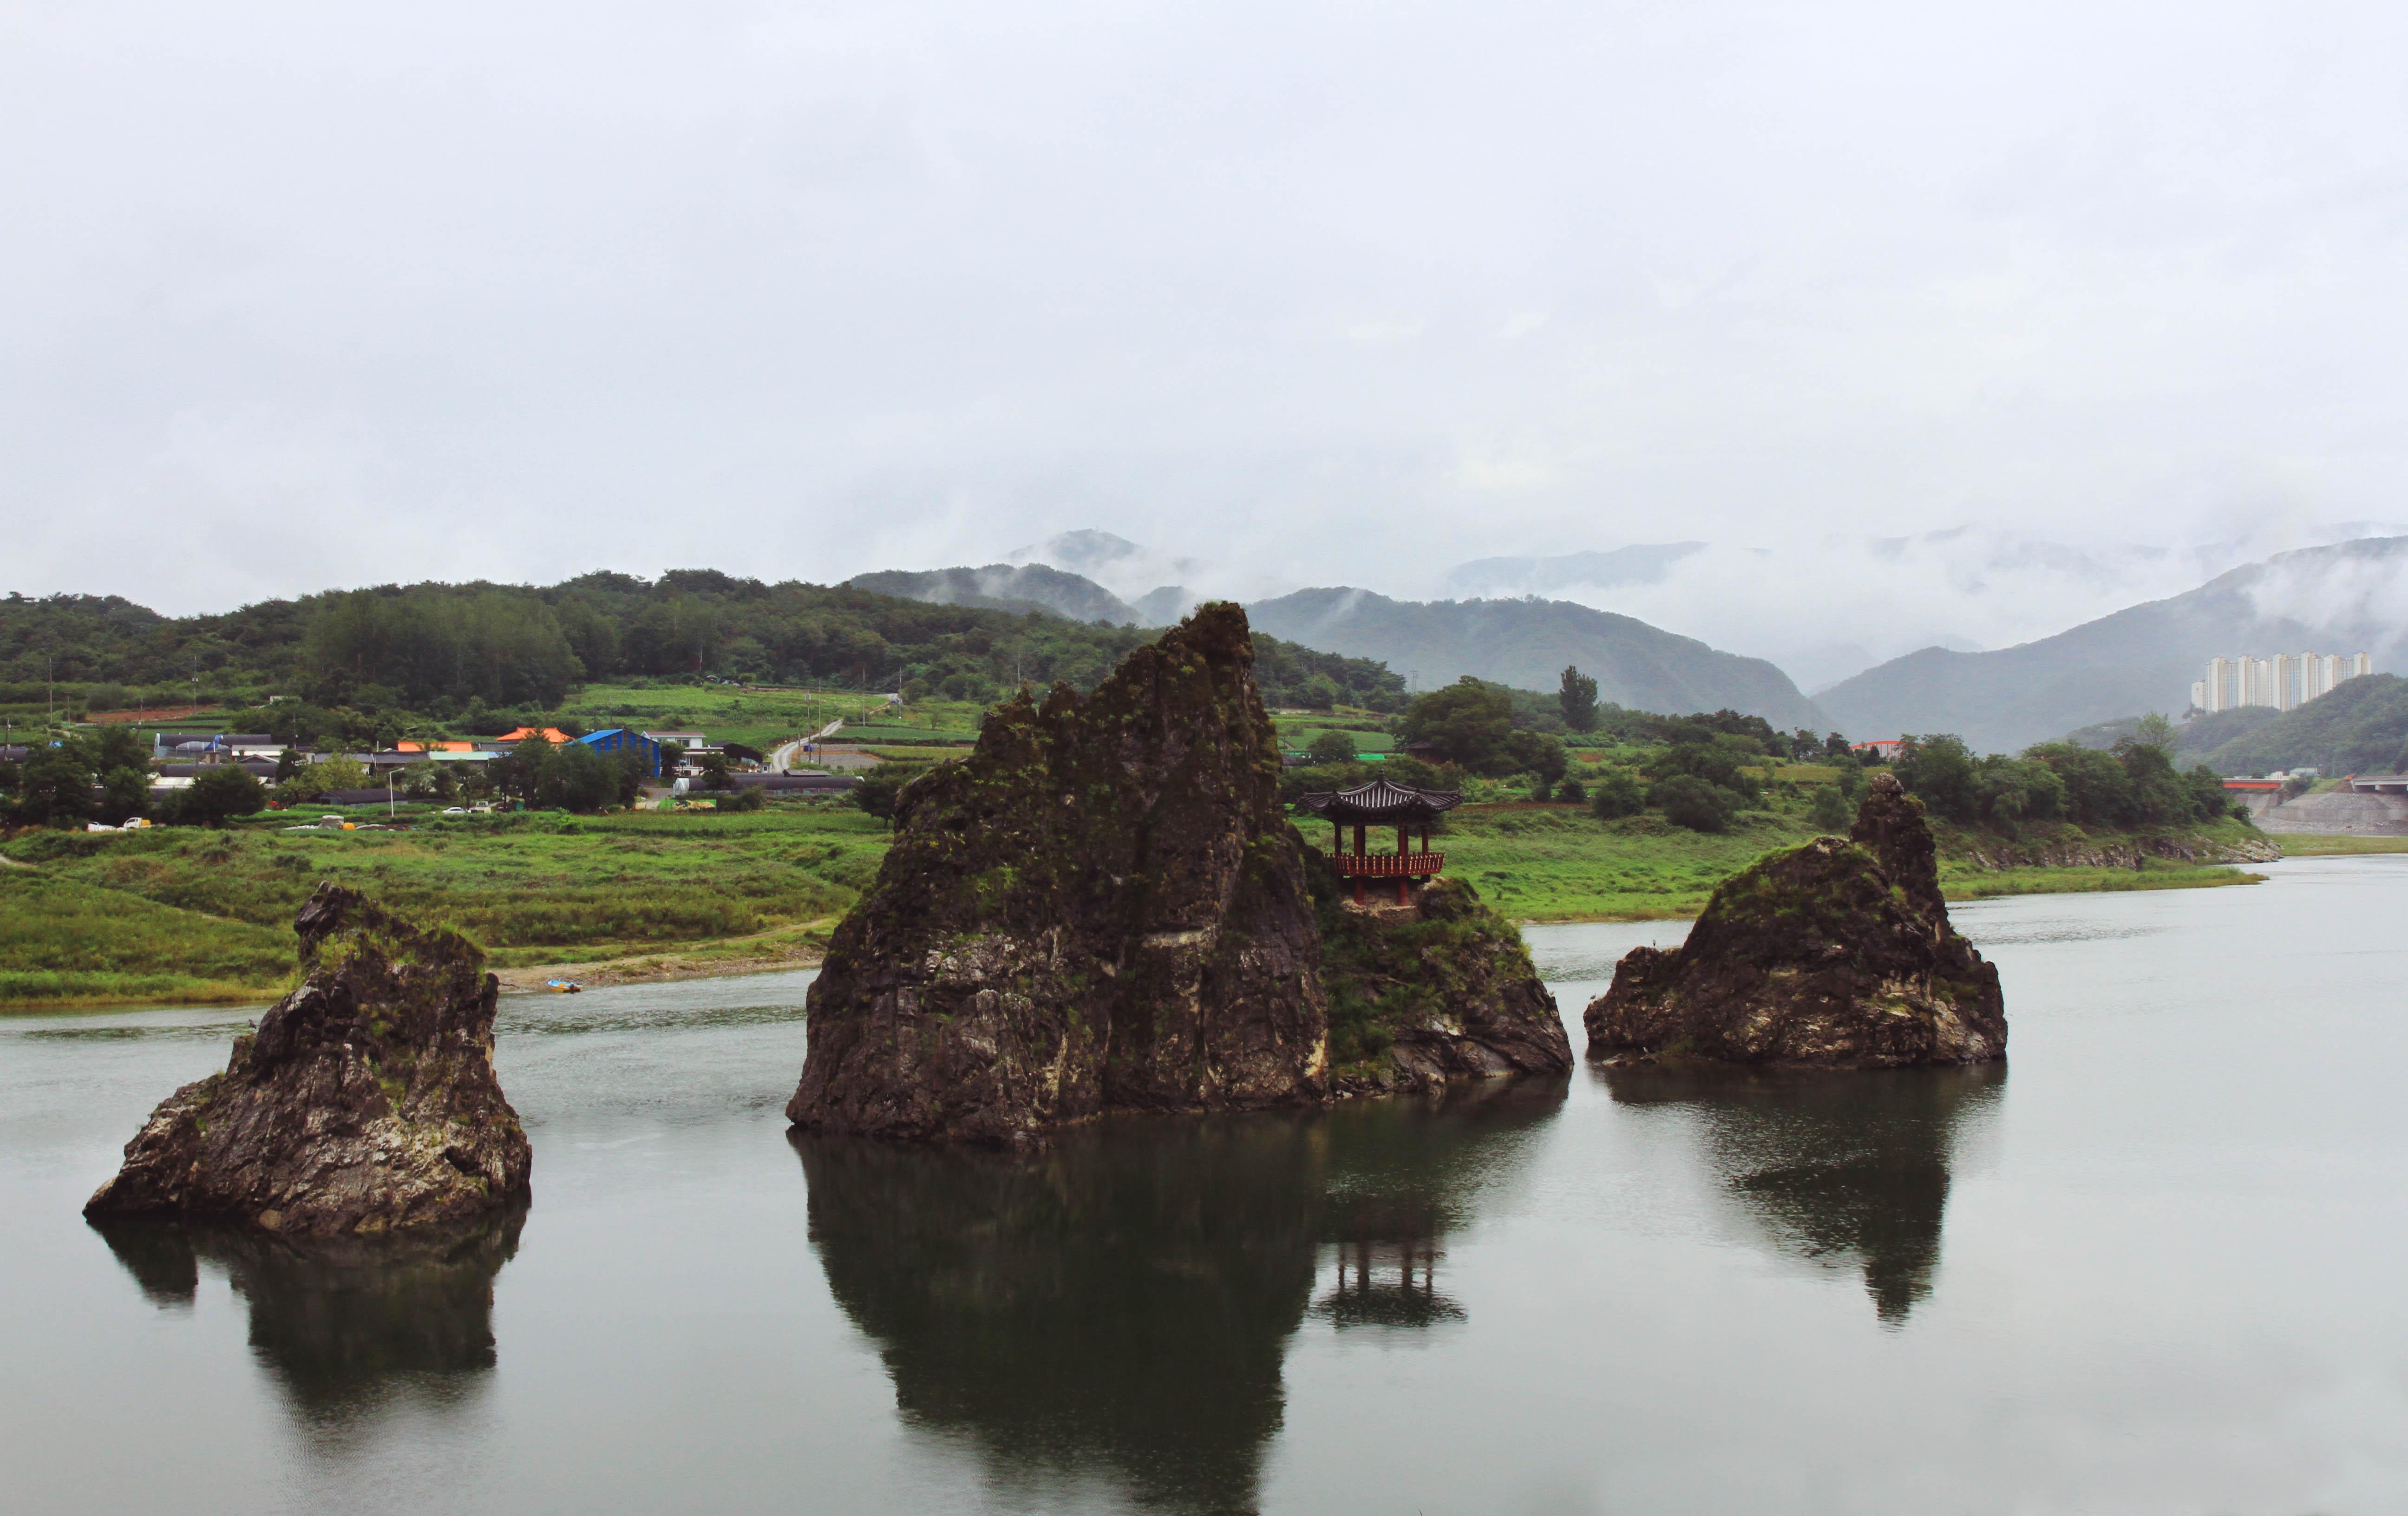 pvt-coreedusud-laetitia-danyang